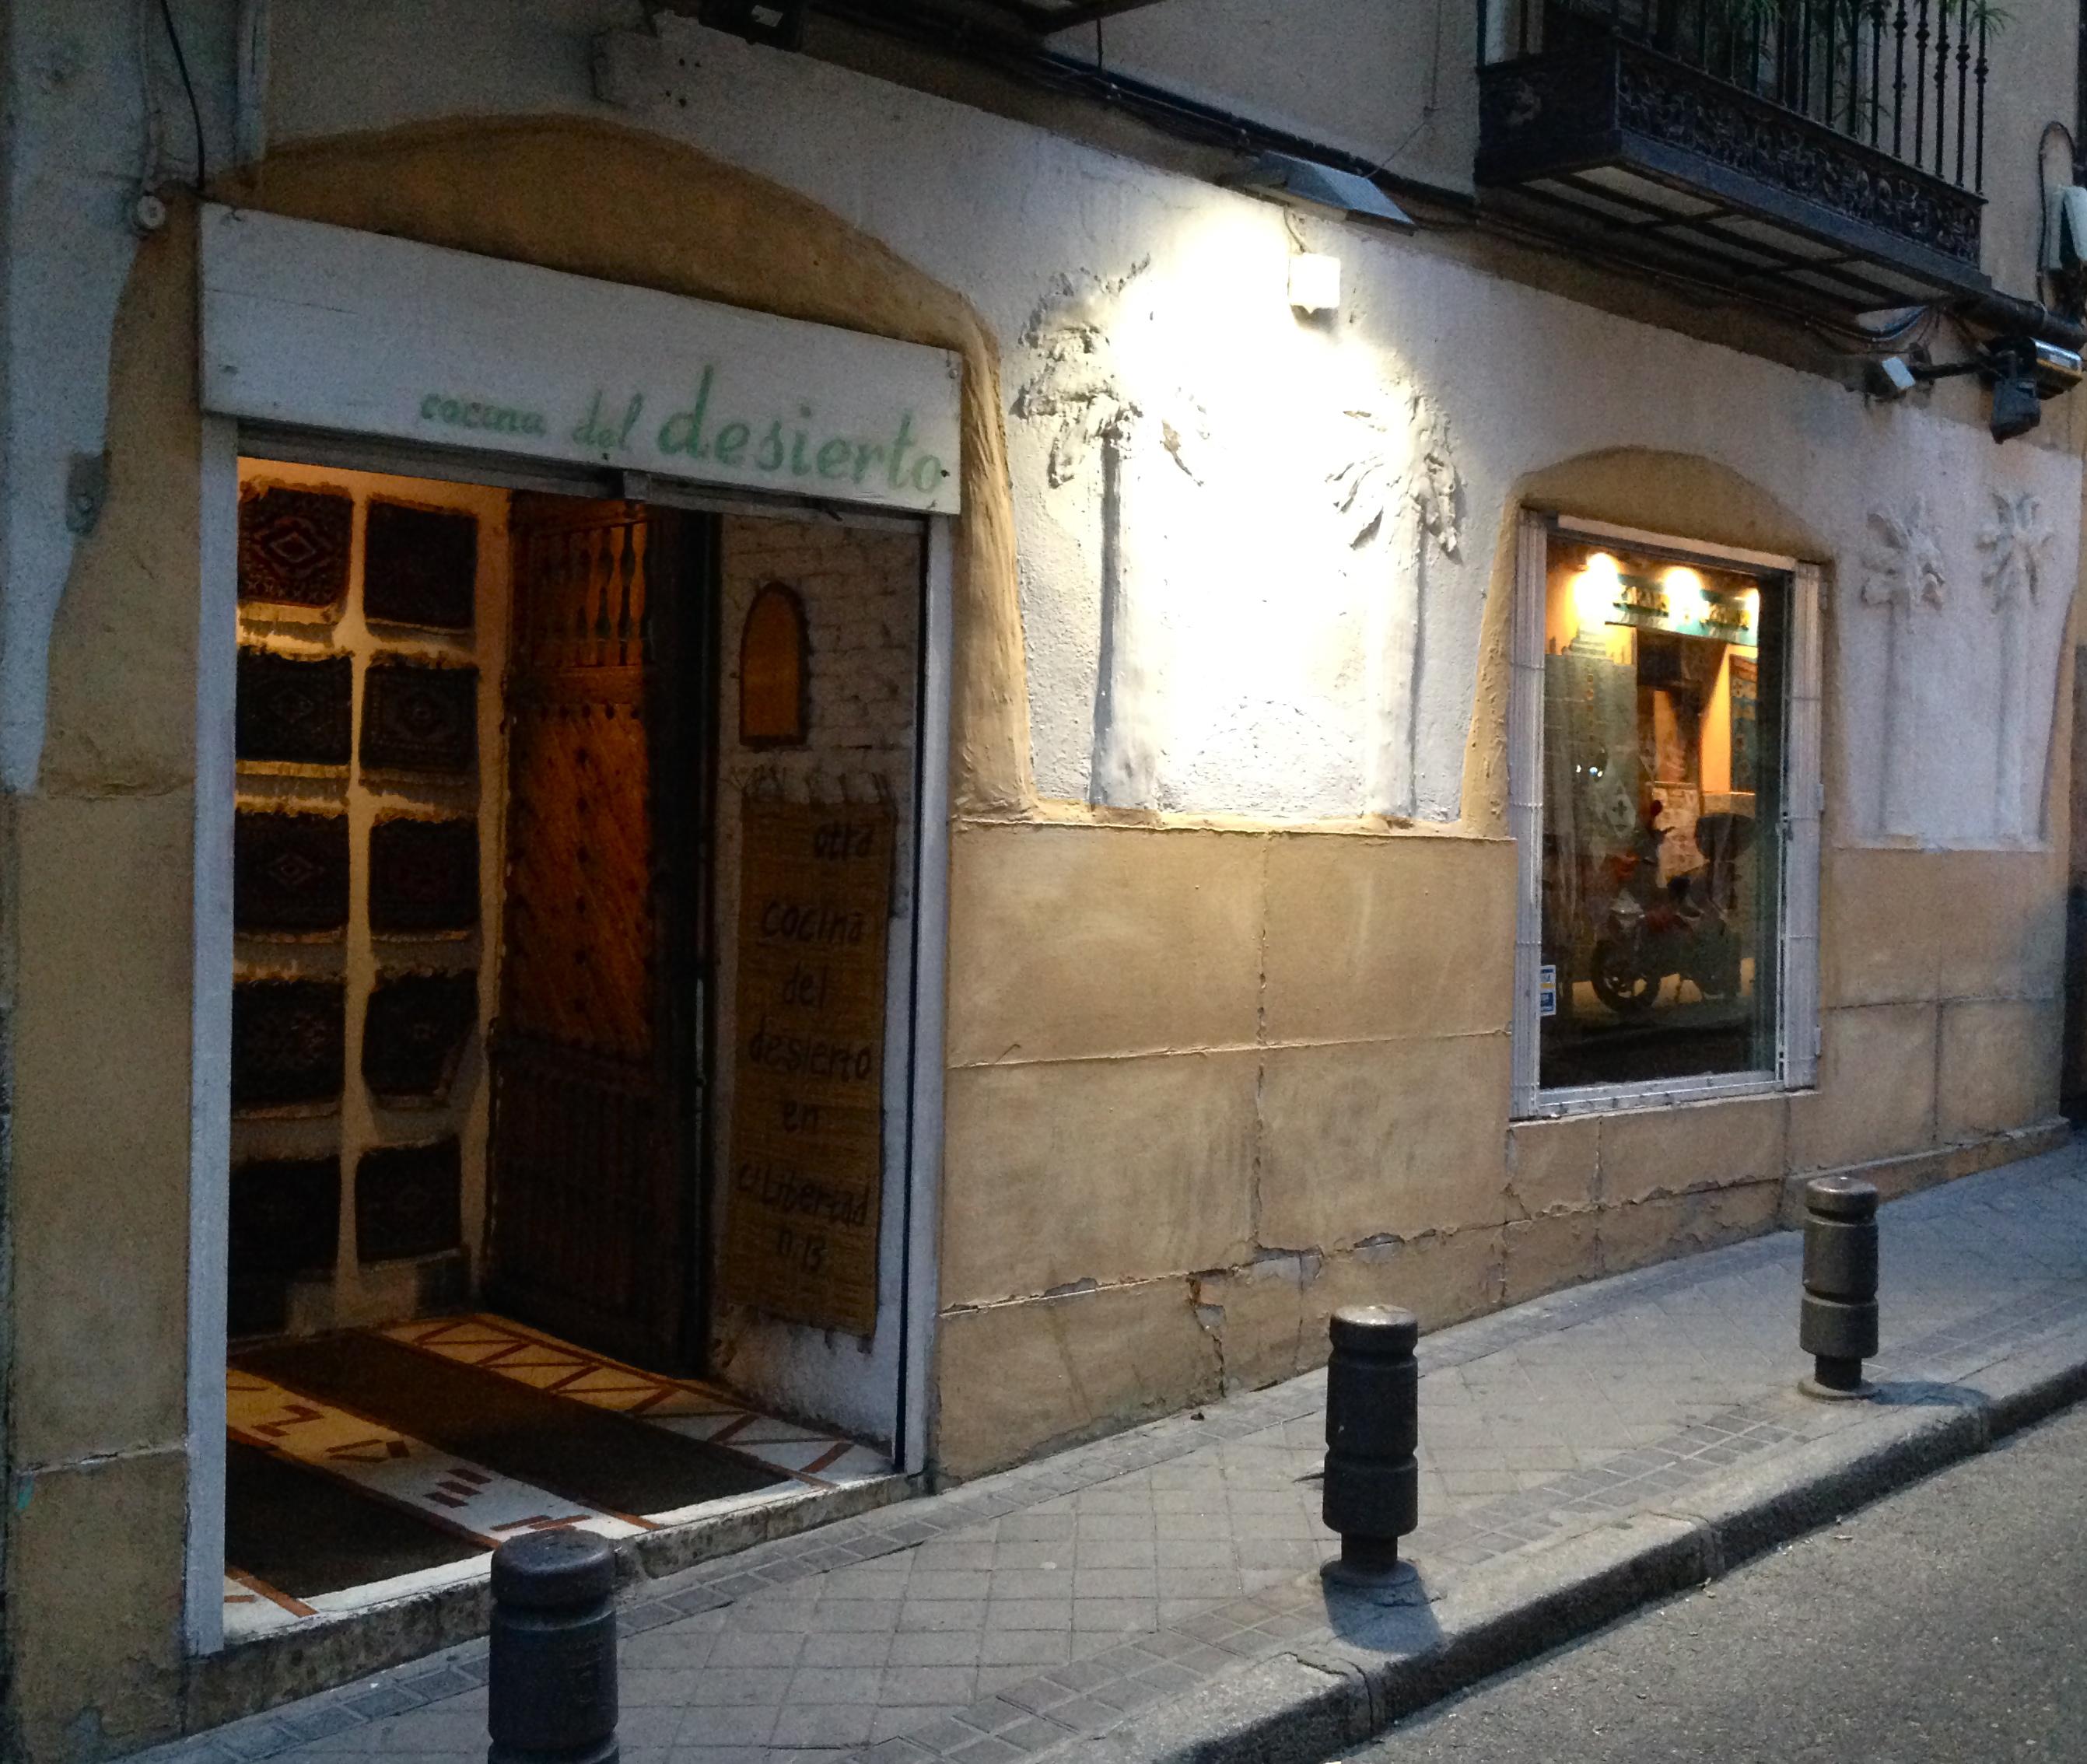 La cocina del desierto madrid los mil y un sabores boka2blog - La cocina madrid ...